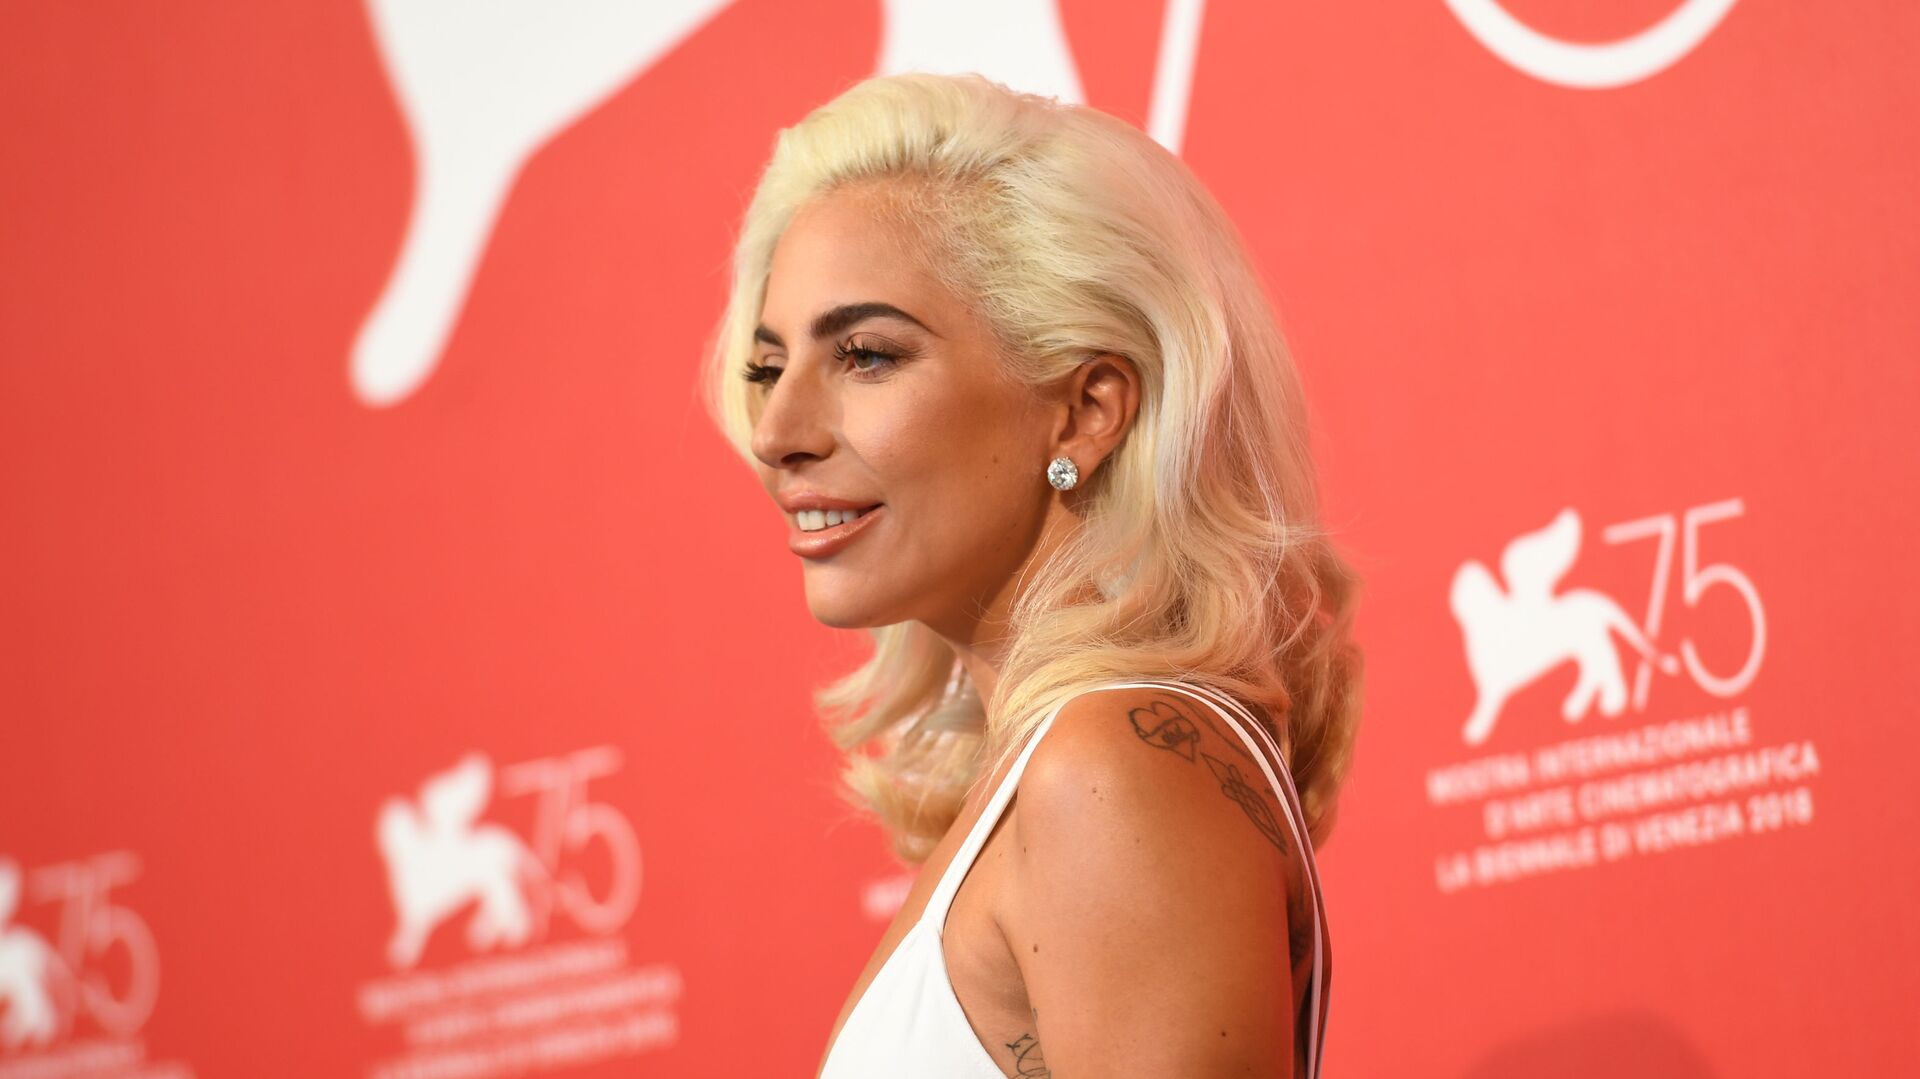 Η Lady Gaga. - Sputnik Ελλάδα, 1920, 20.08.2021